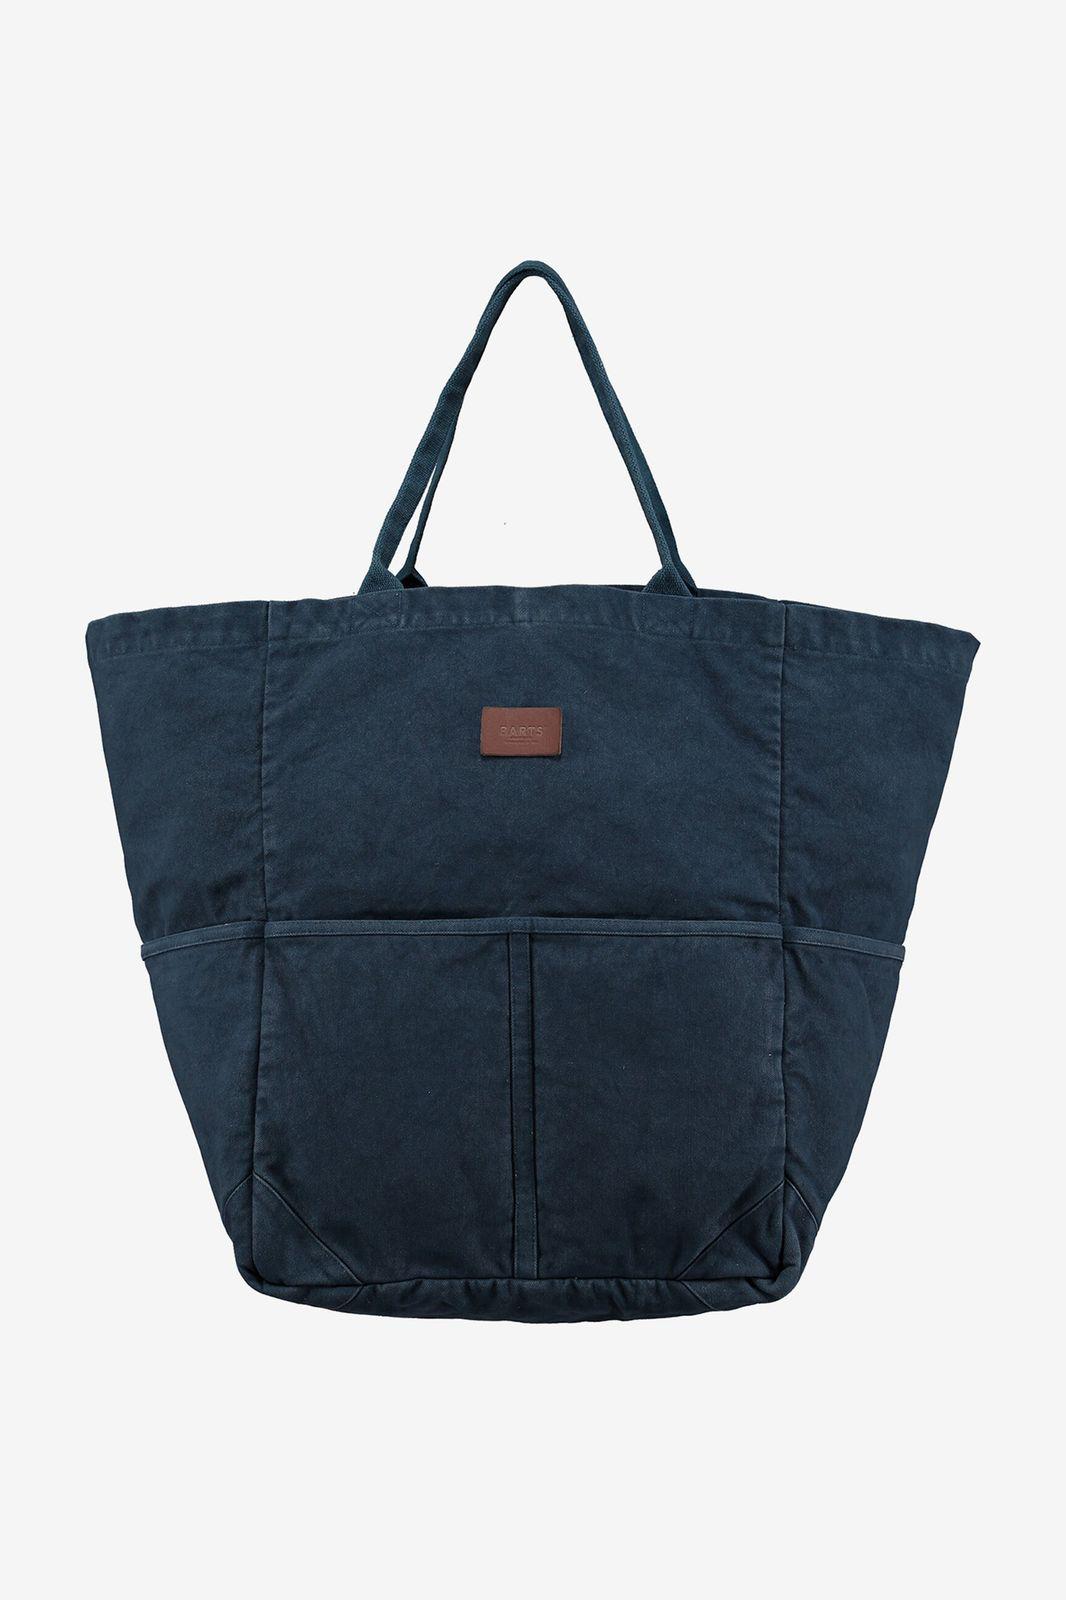 Barts Donkerblauwe shopper